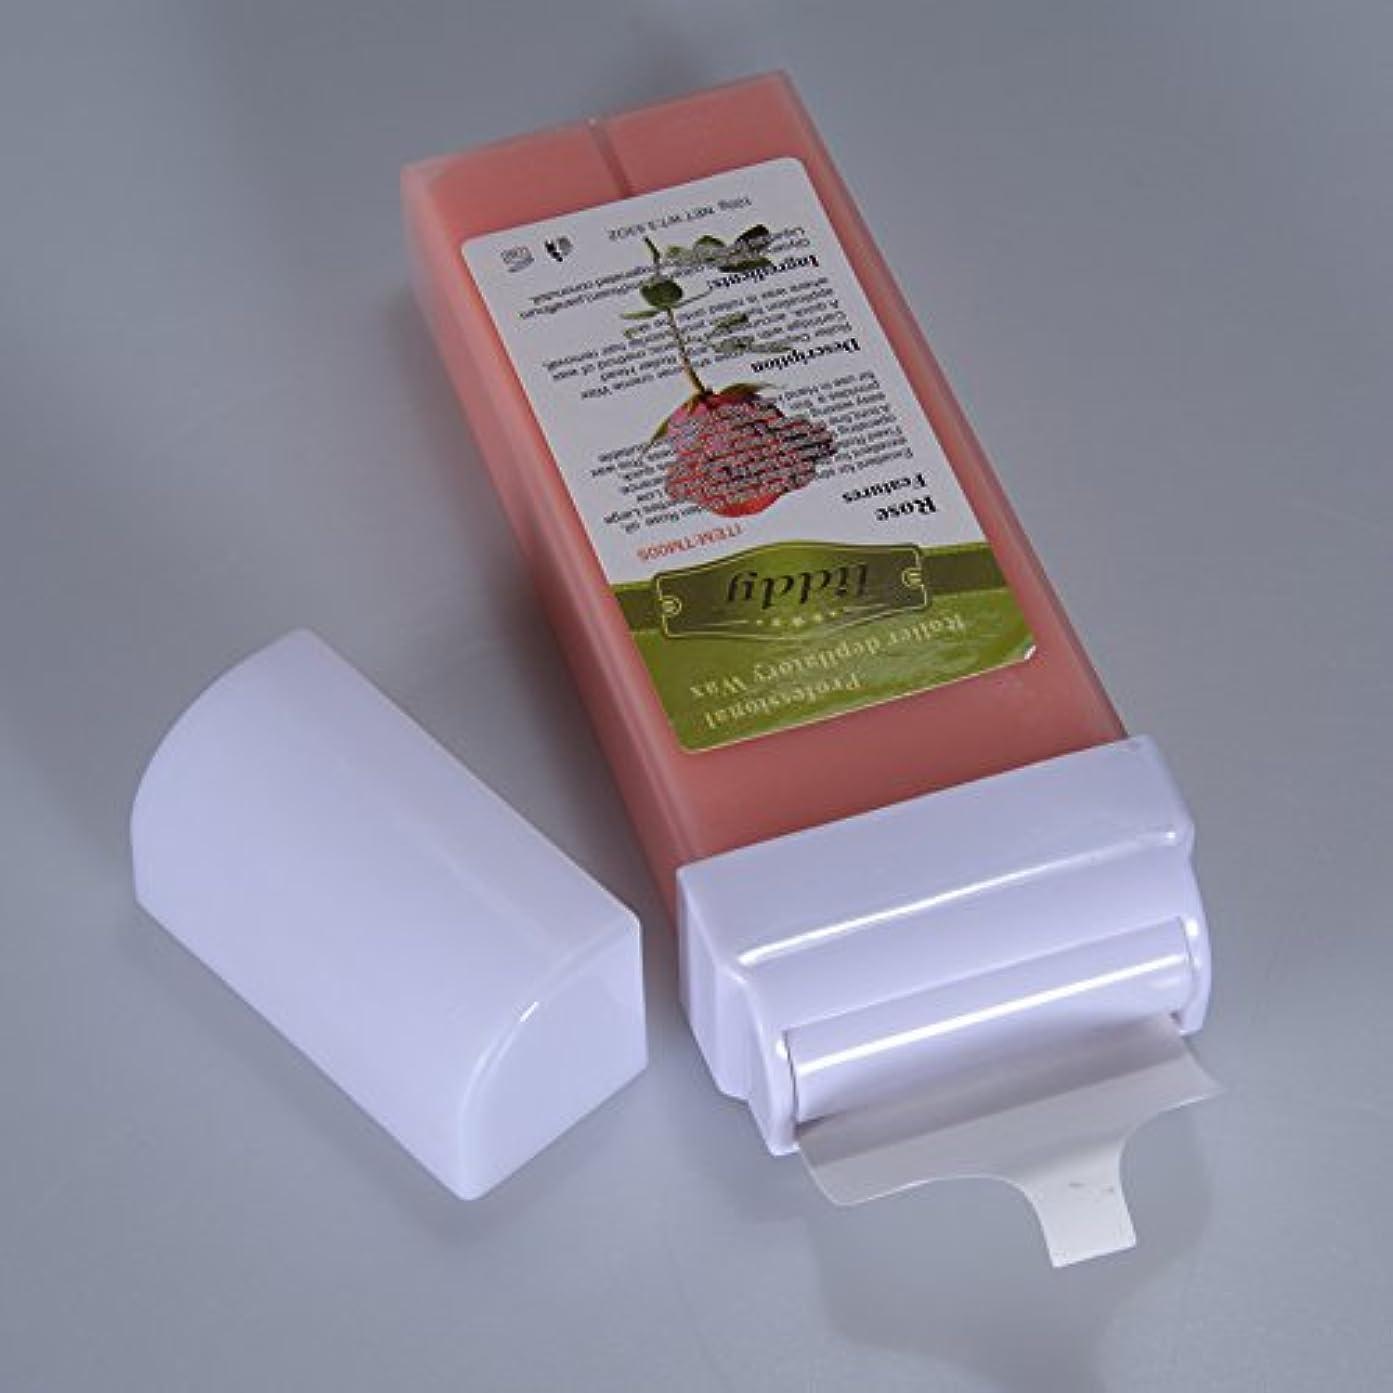 ドアミラー触覚知らせるRabugoo 脱毛プロフェッショナル使用水溶性脱毛砂糖ワックスカートリッジワックスグッドスメル - 100g / 3.53oz 100g rose